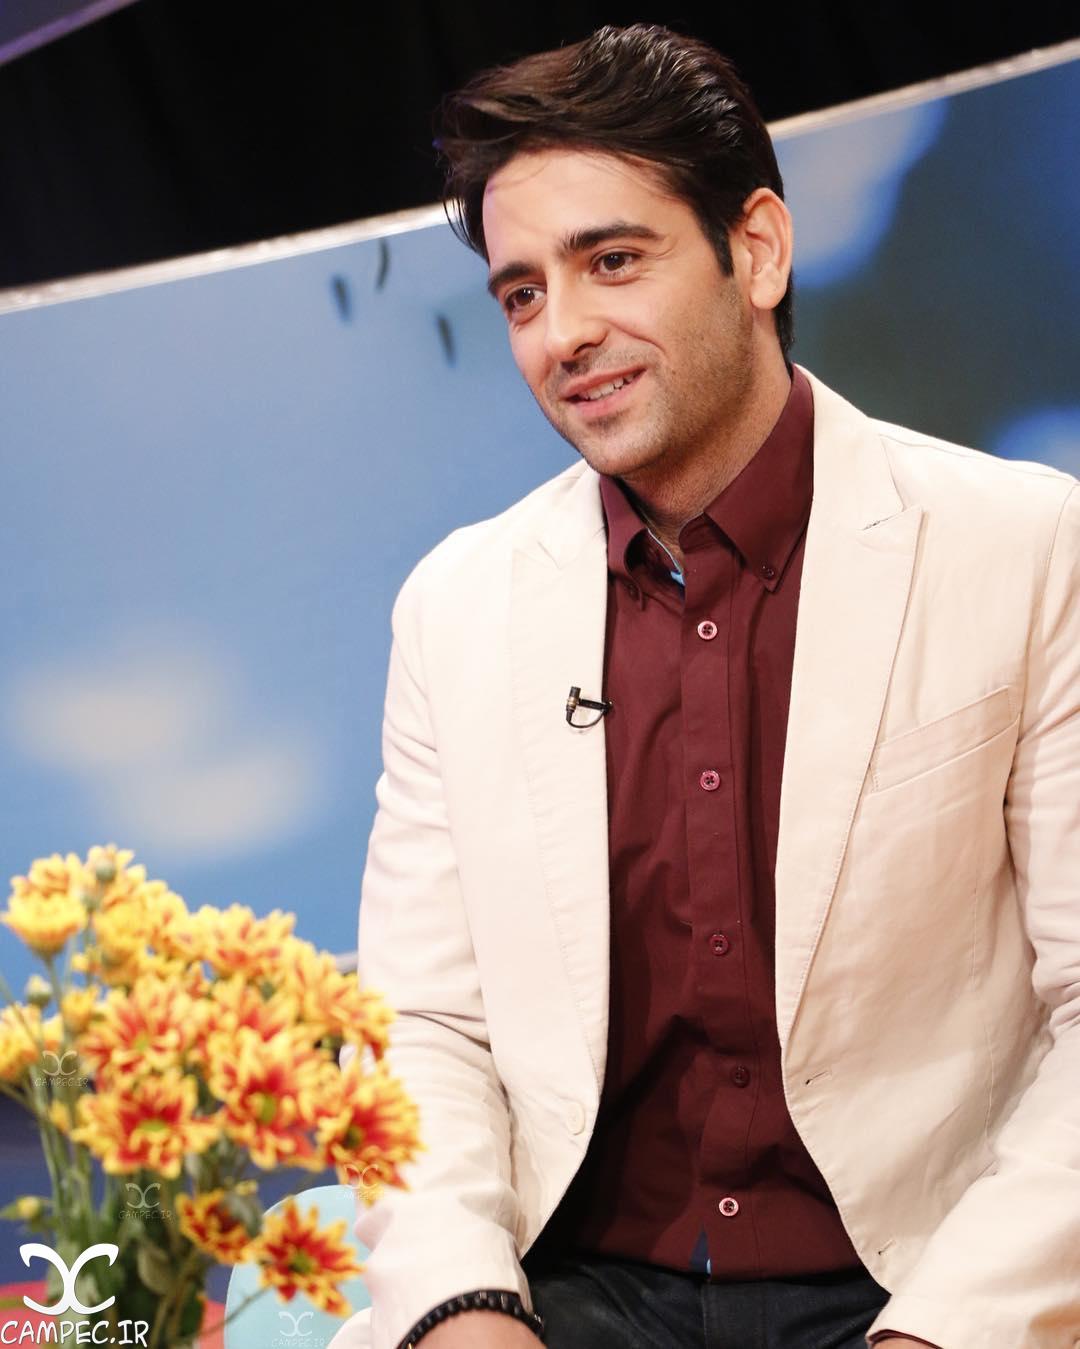 لادن مستوفی و امیرحسین آرمان بازیگران سریال پریا در خوشا شیراز!+تصاویر